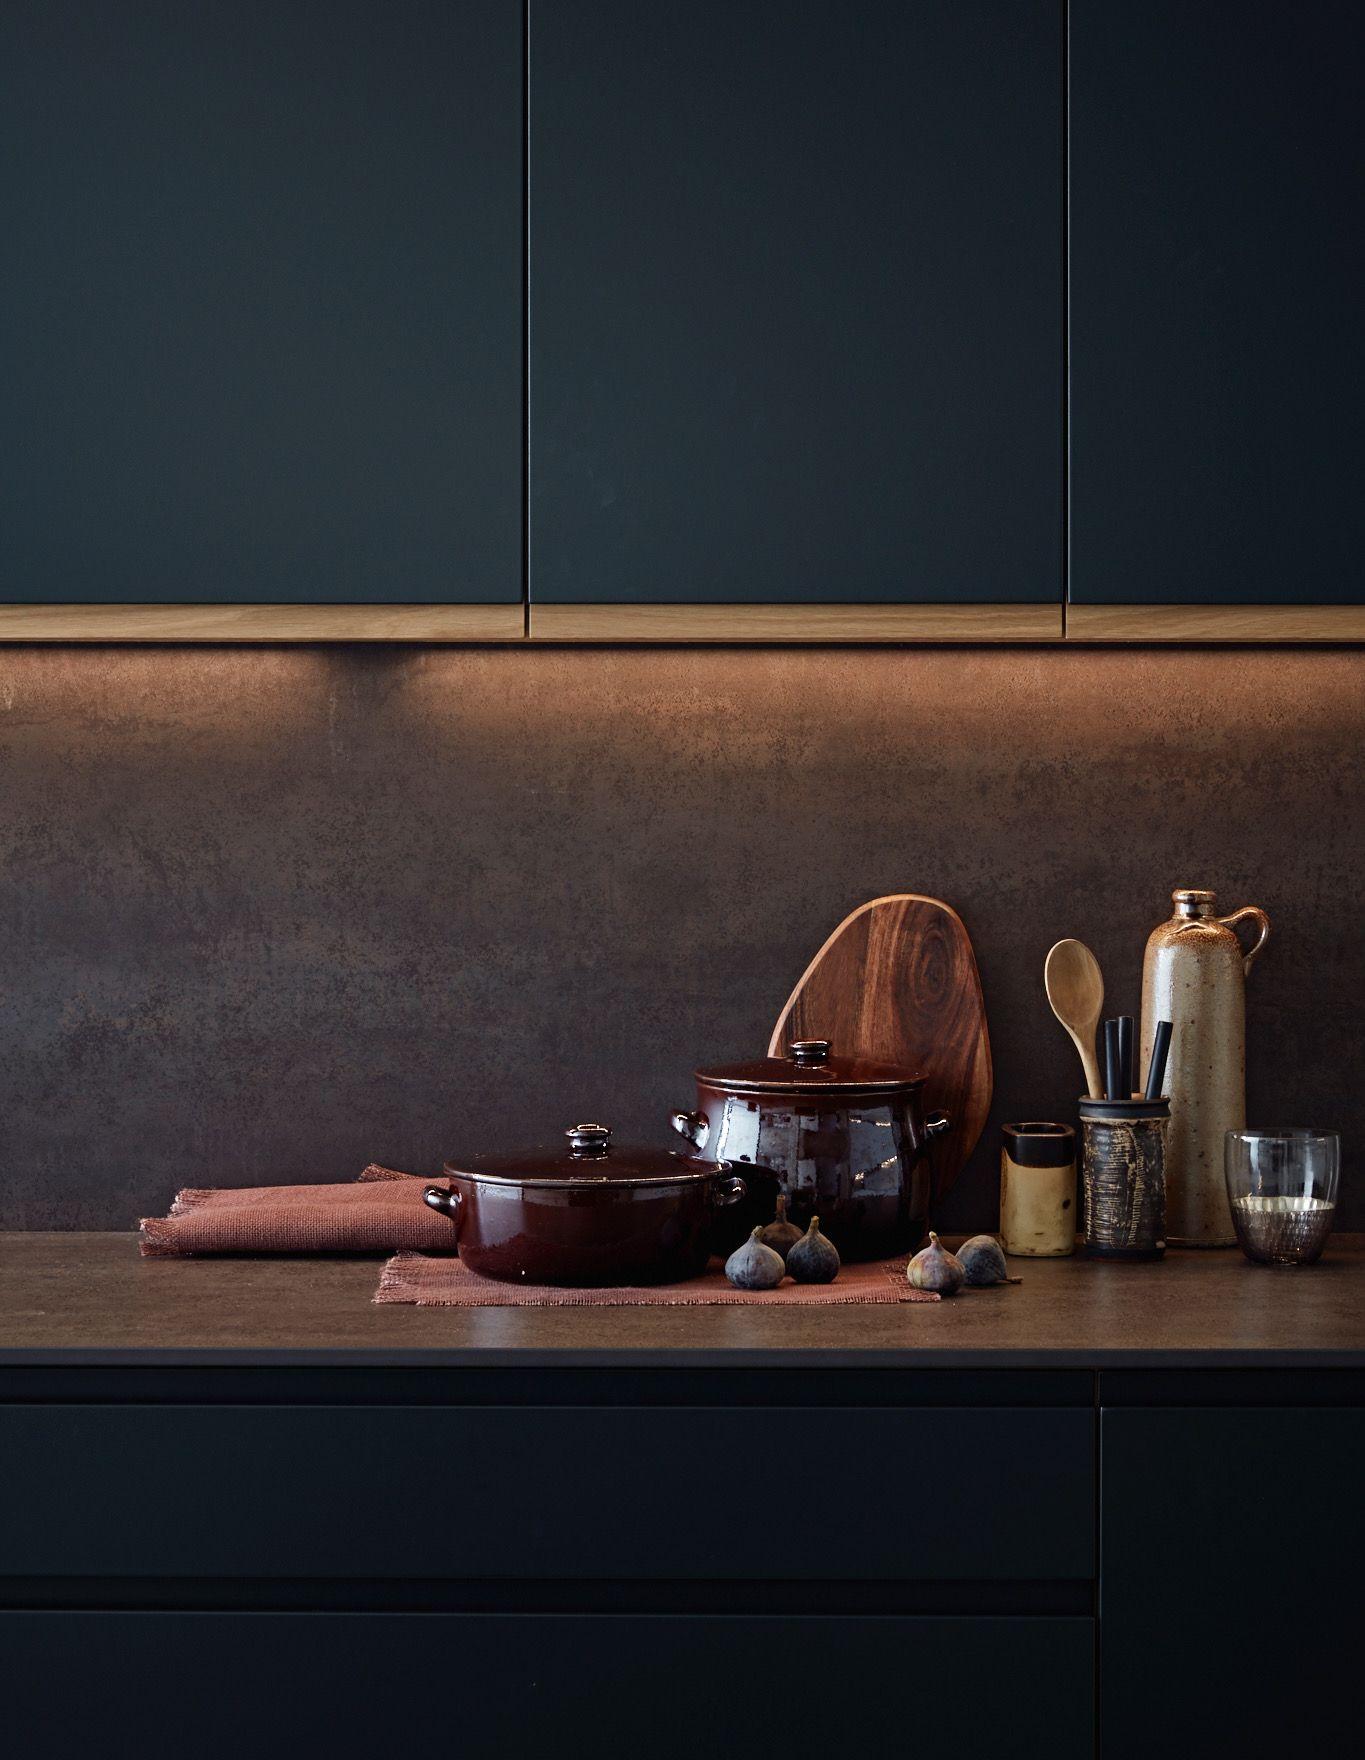 Ausgezeichnet 50s Küchenbeleuchtung Zeitgenössisch Ideen Für Die